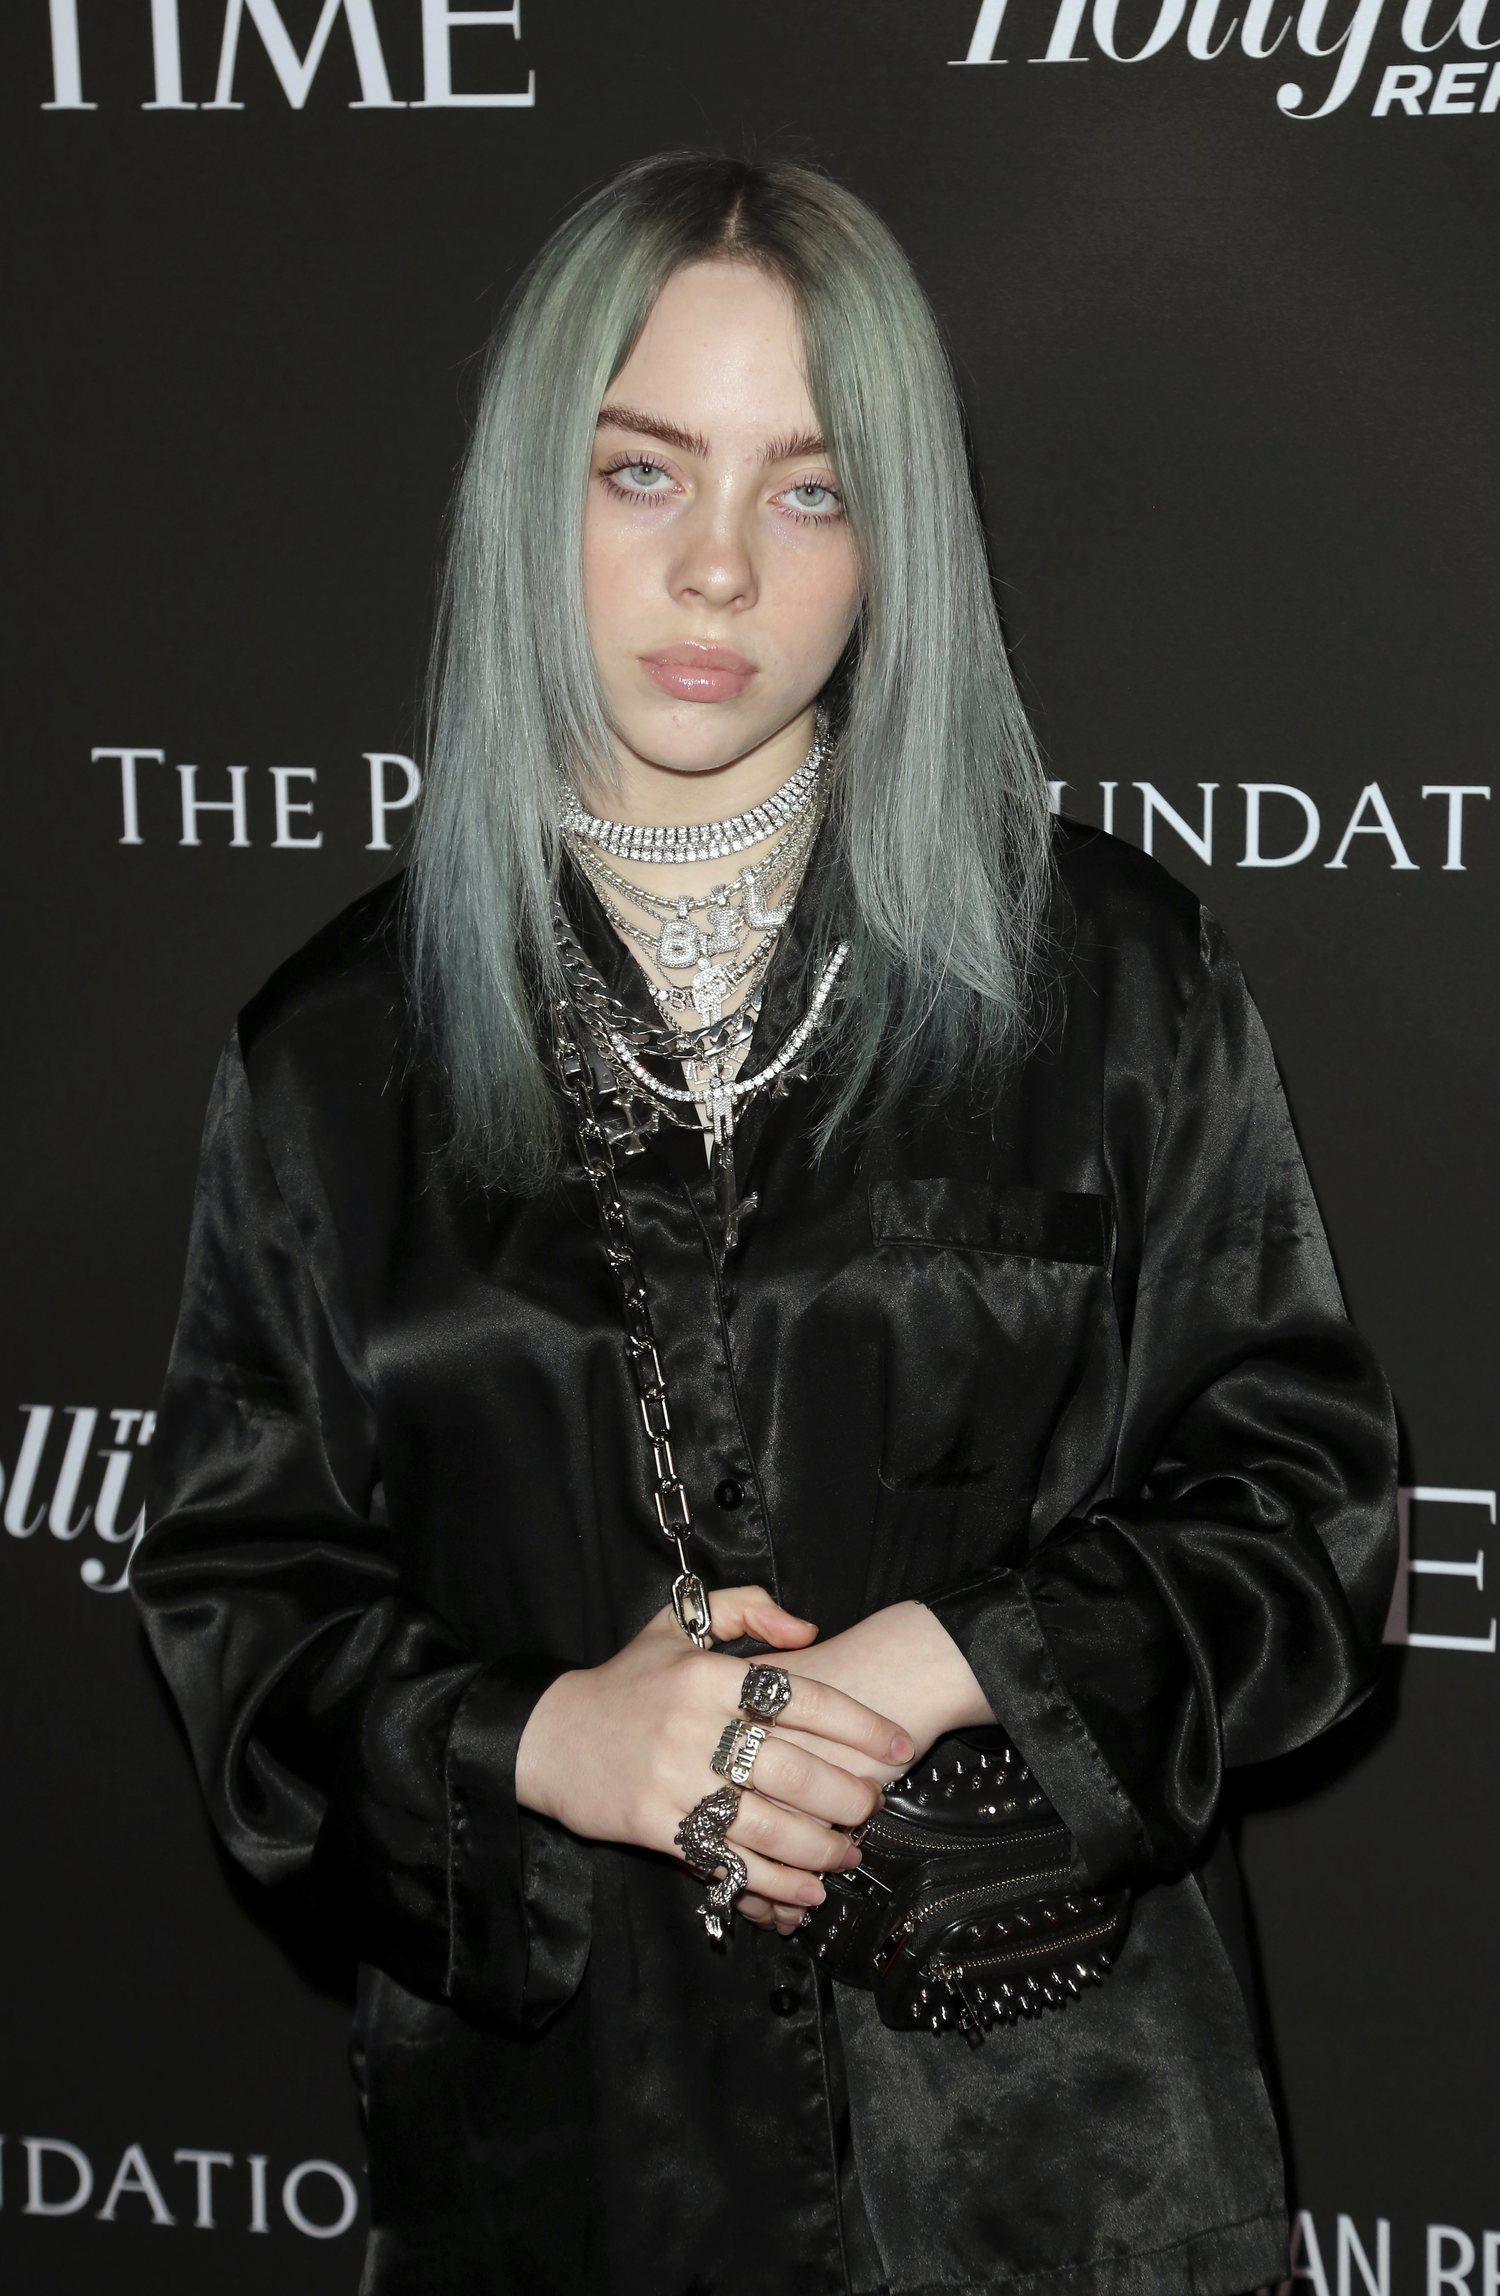 Billie no solo tiene un estilo inconfundible a la hora de cantar, sino que también es exquisita a la hora de vestir